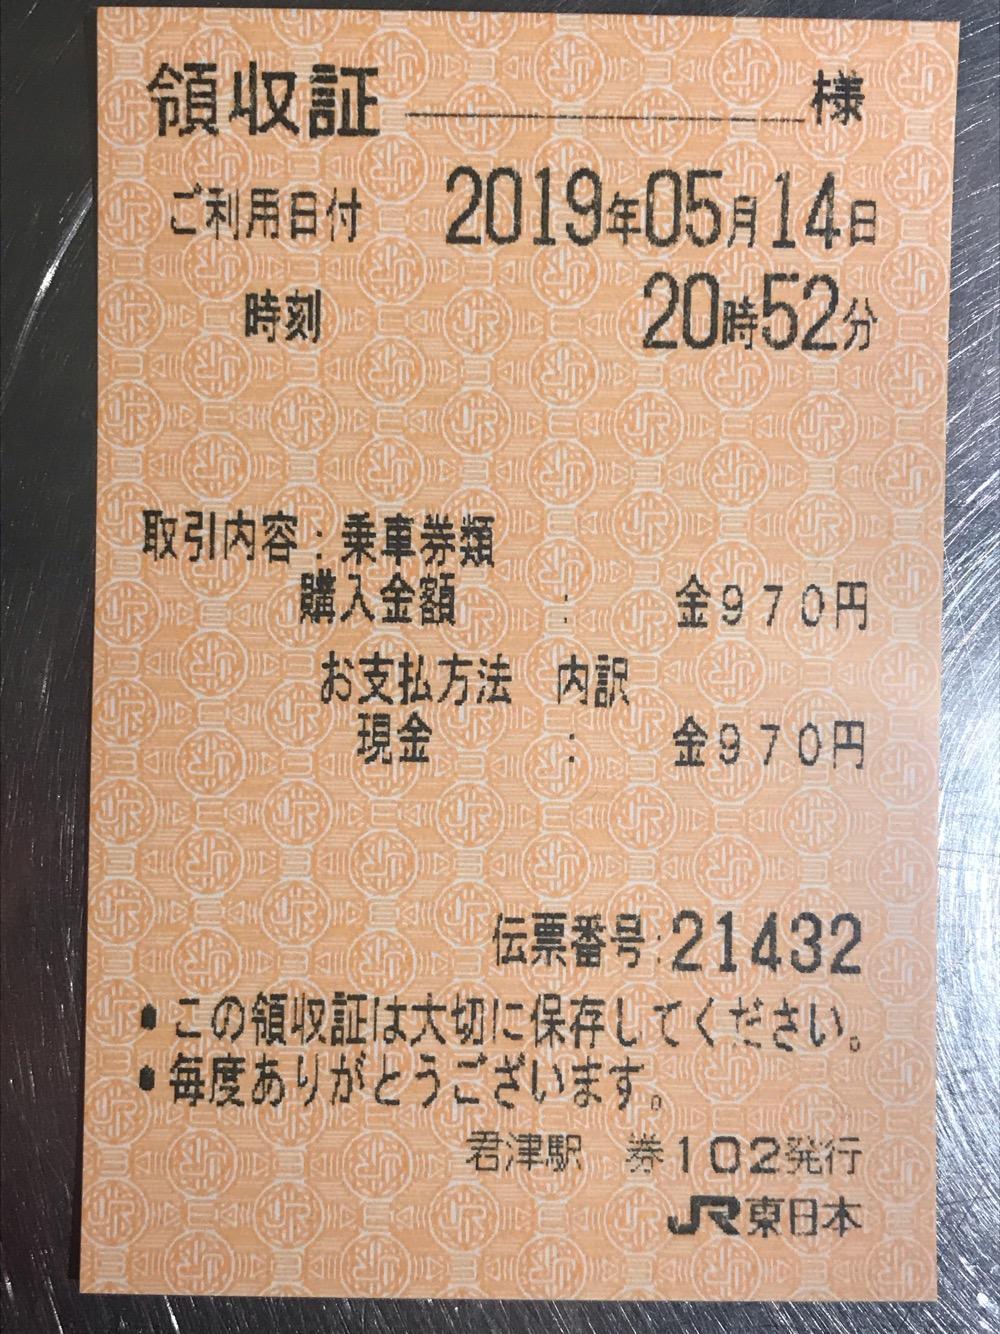 JR君津駅の自動券売機発行の970円分の領収証